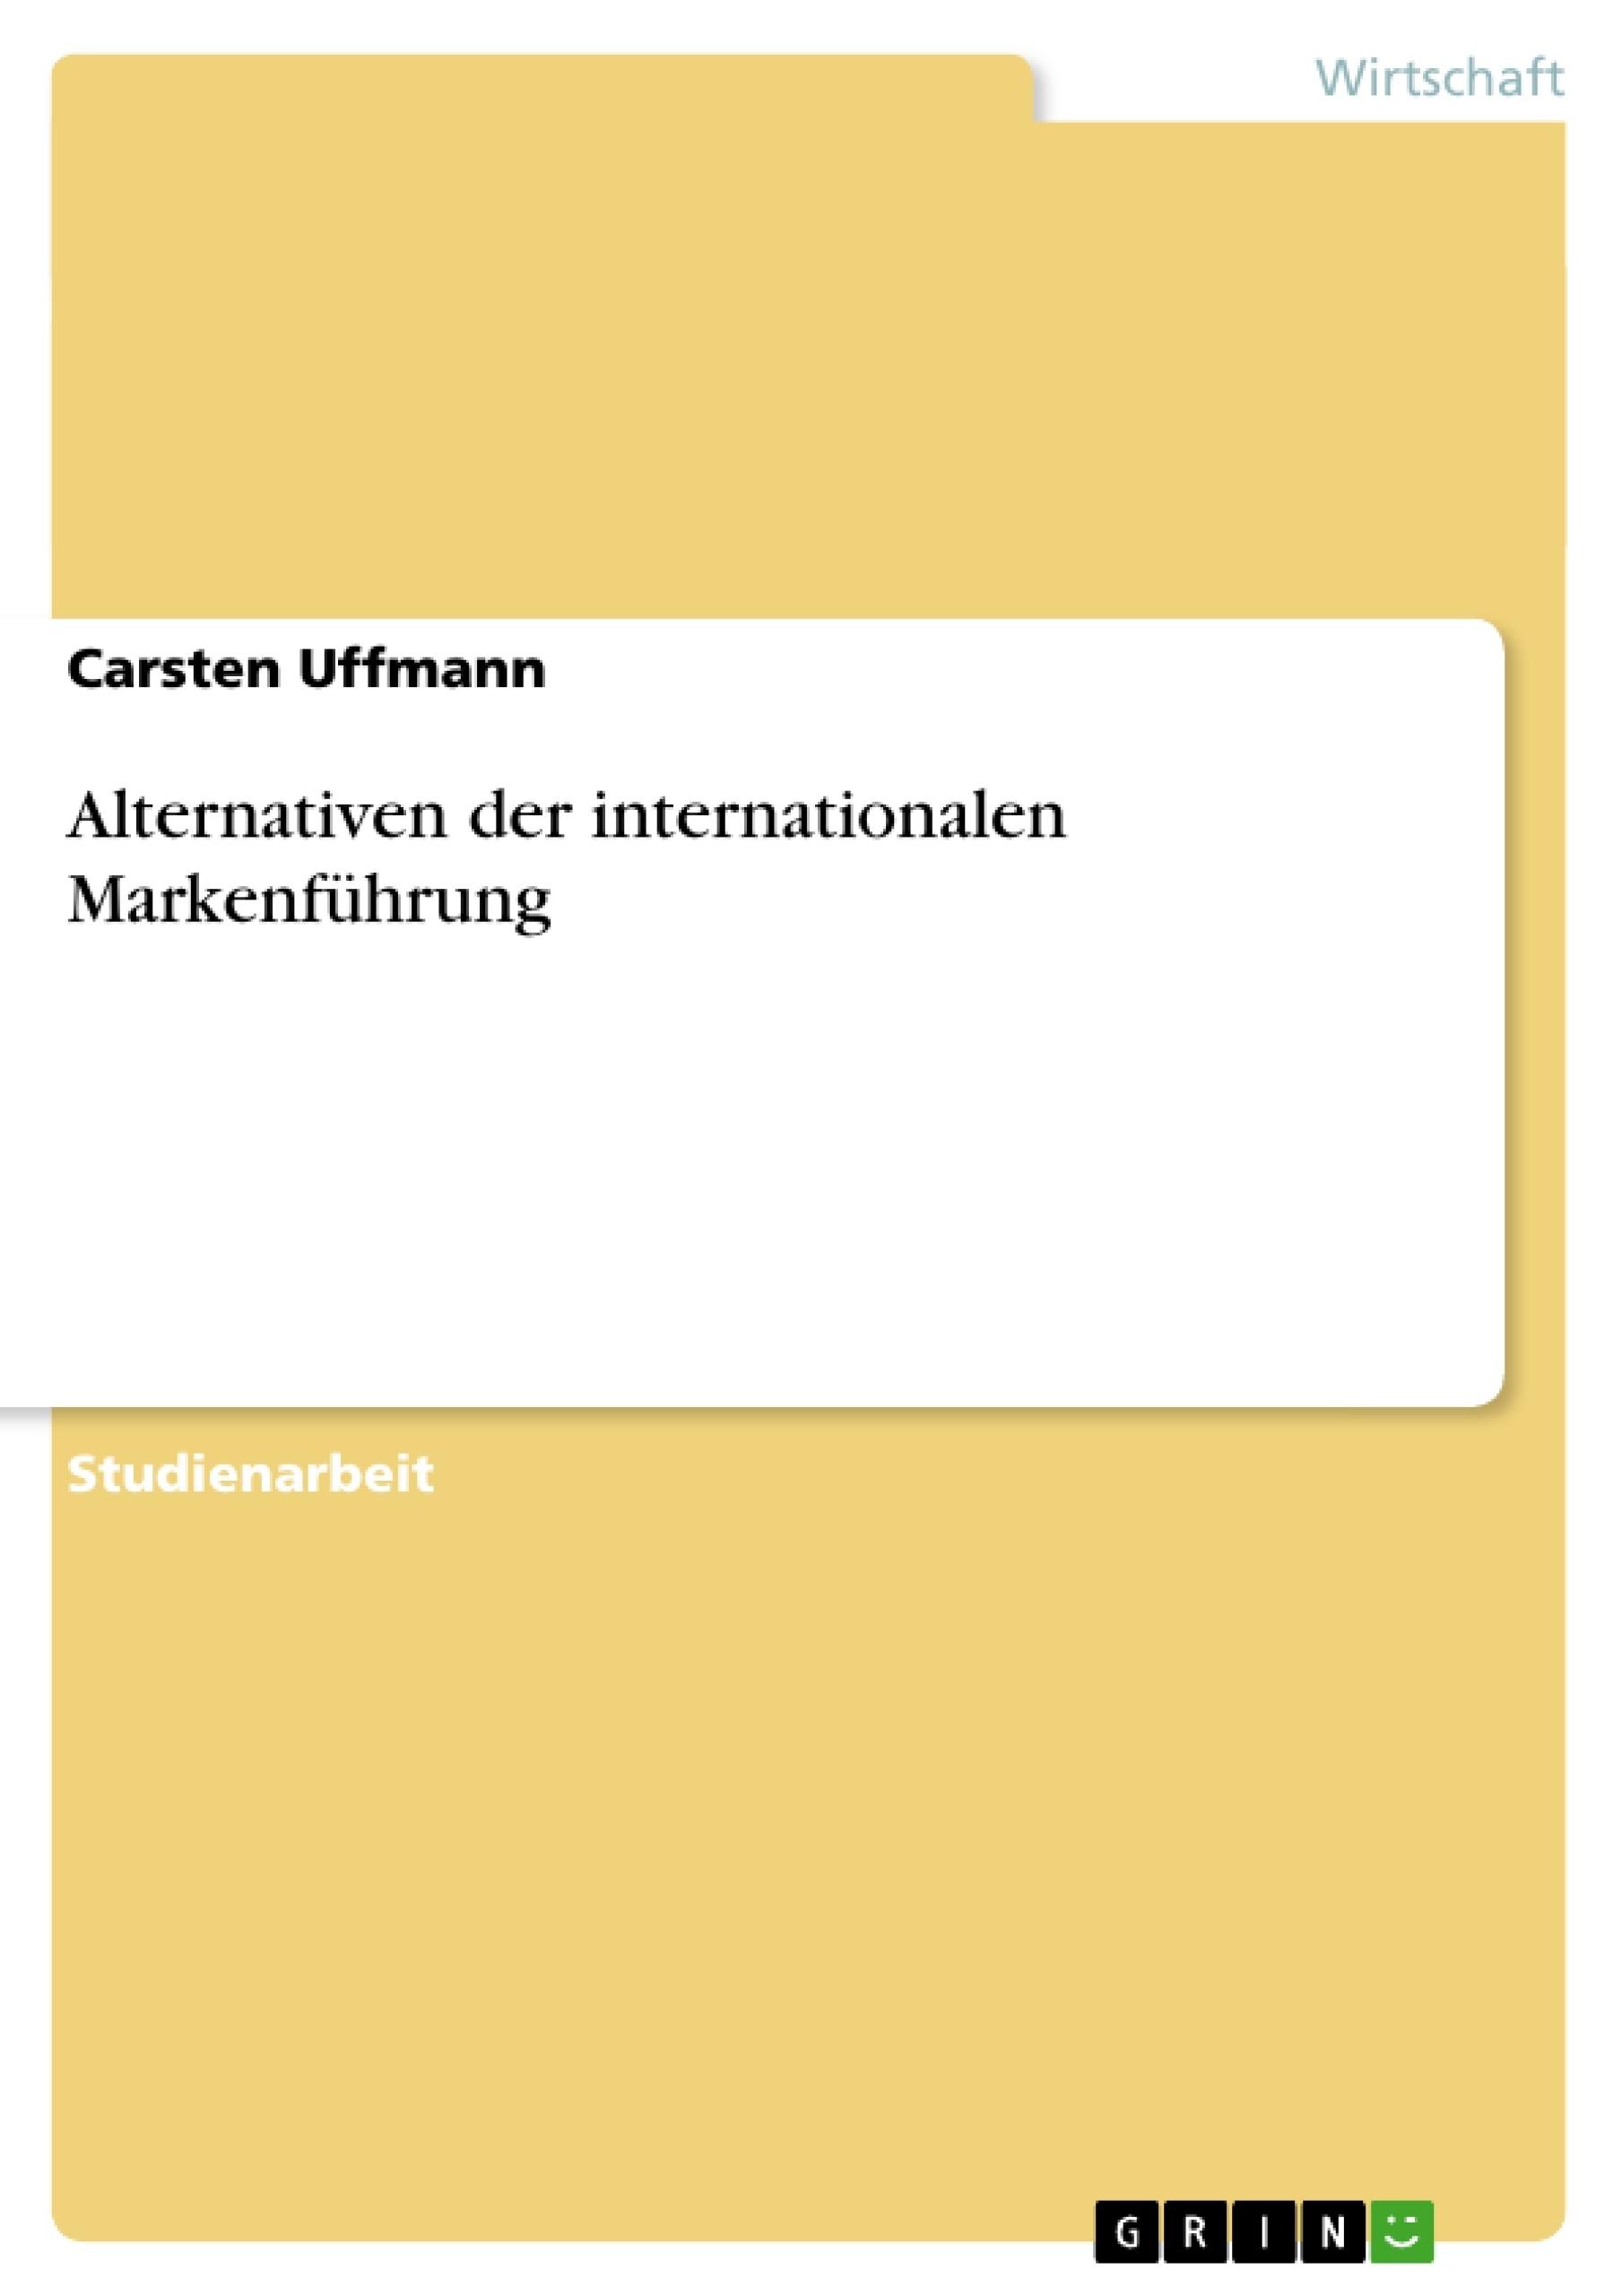 Titel: Alternativen der internationalen Markenführung